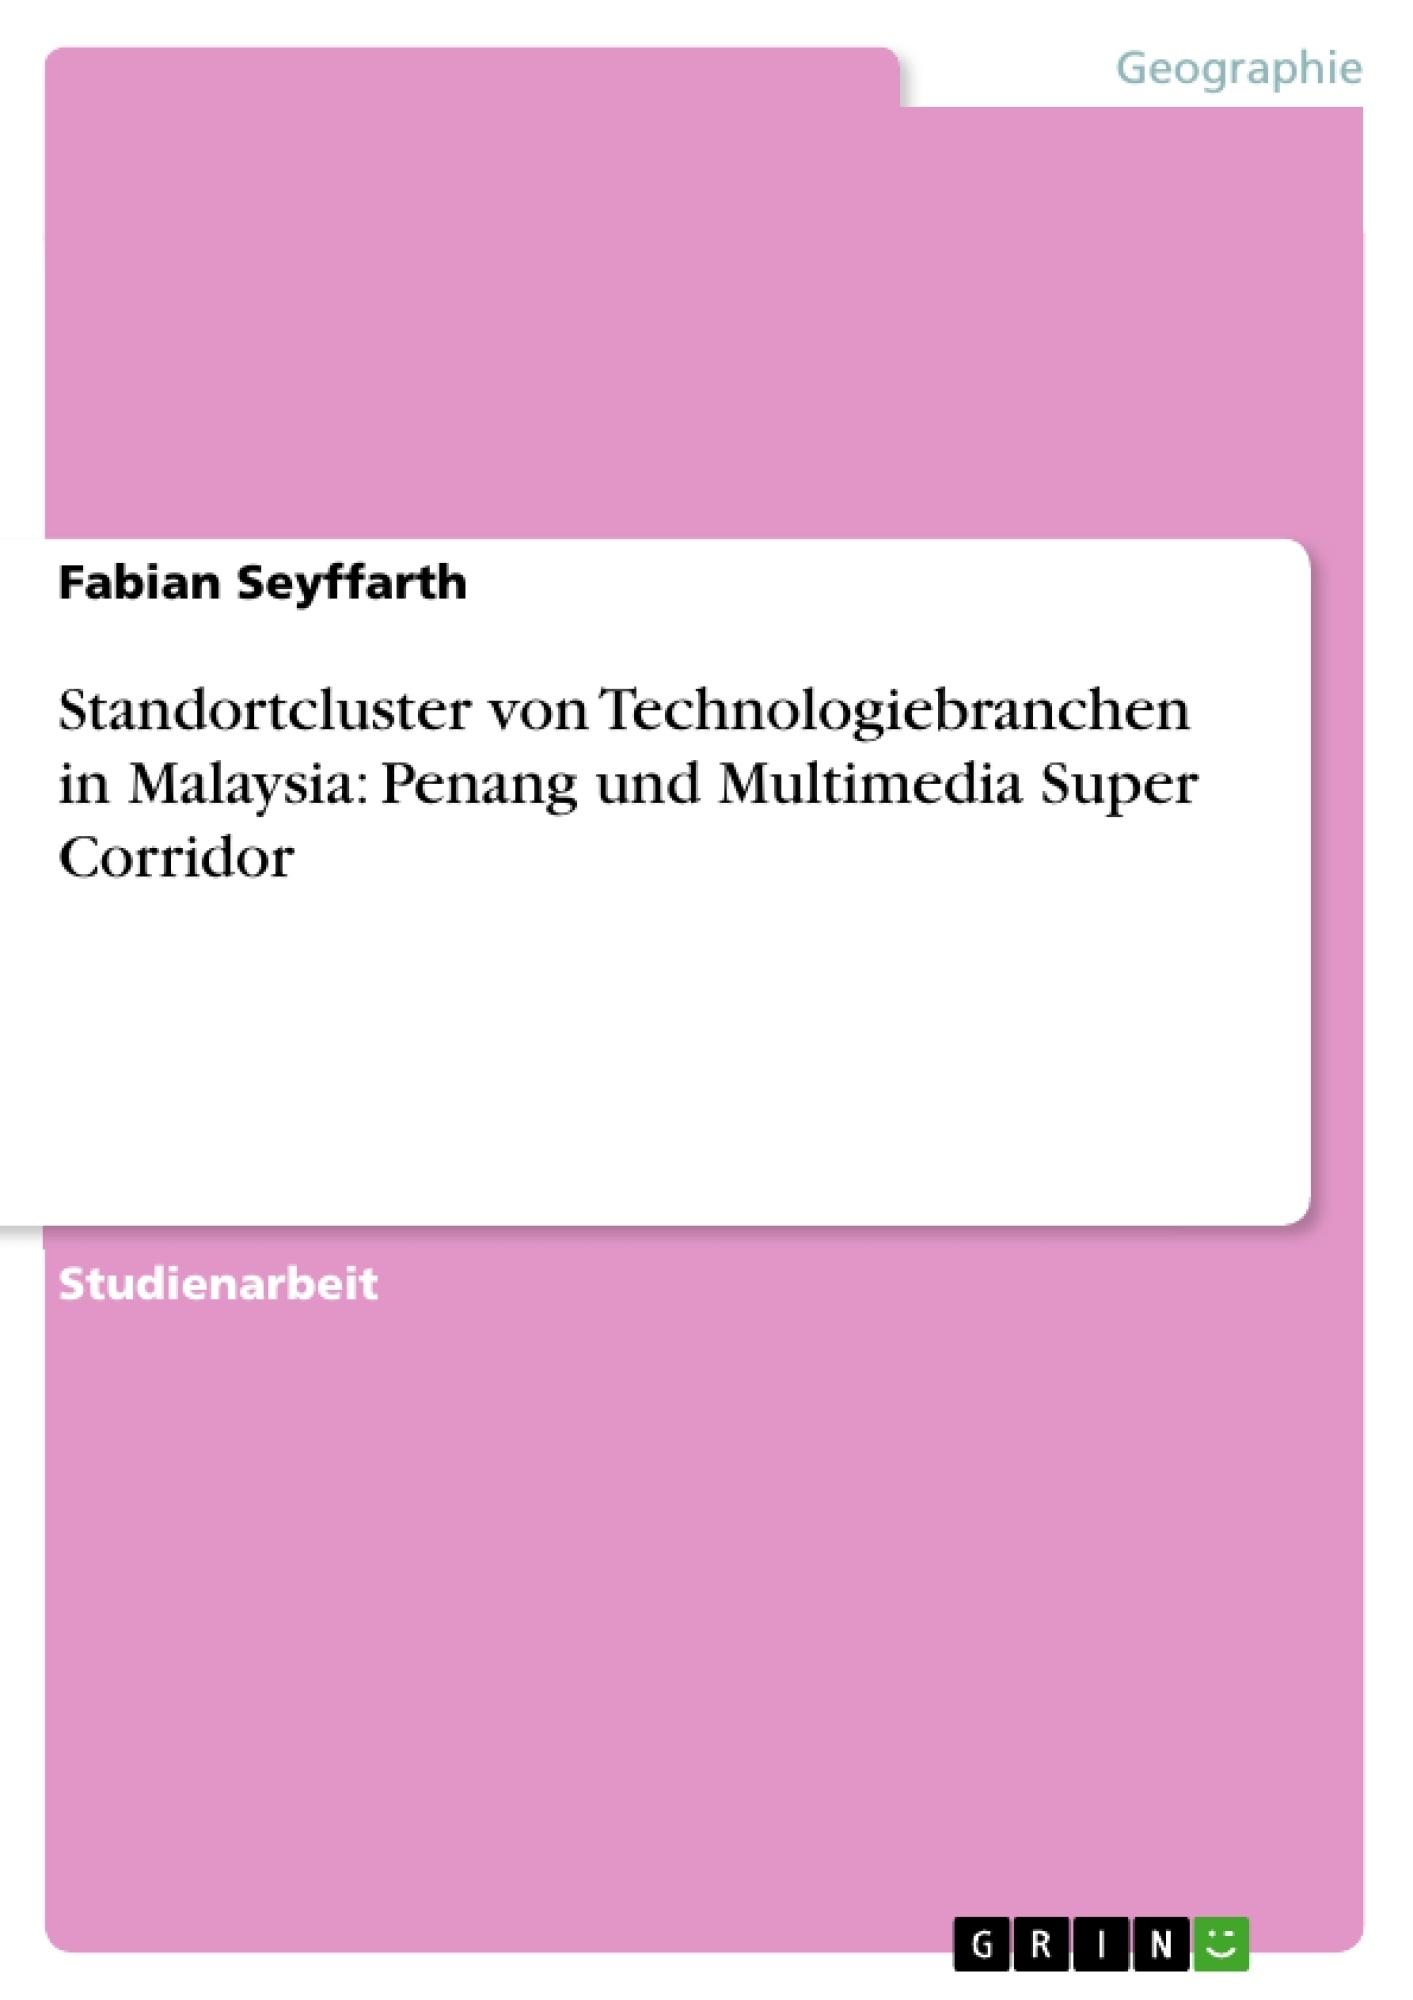 Titel: Standortcluster von Technologiebranchen in Malaysia: Penang und Multimedia Super Corridor